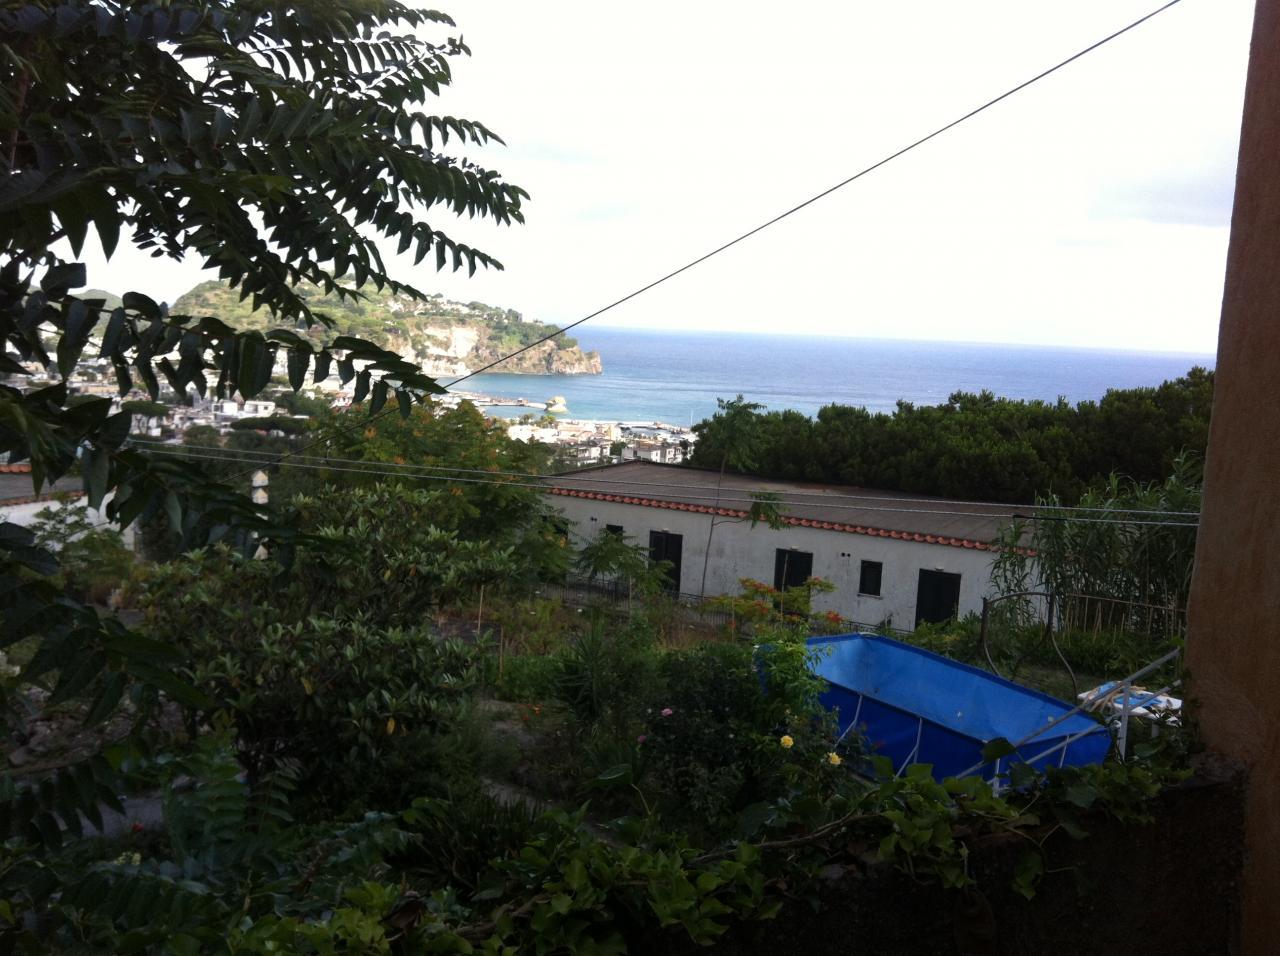 Rustico / Casale in vendita a Casamicciola Terme, 4 locali, prezzo € 270.000 | CambioCasa.it